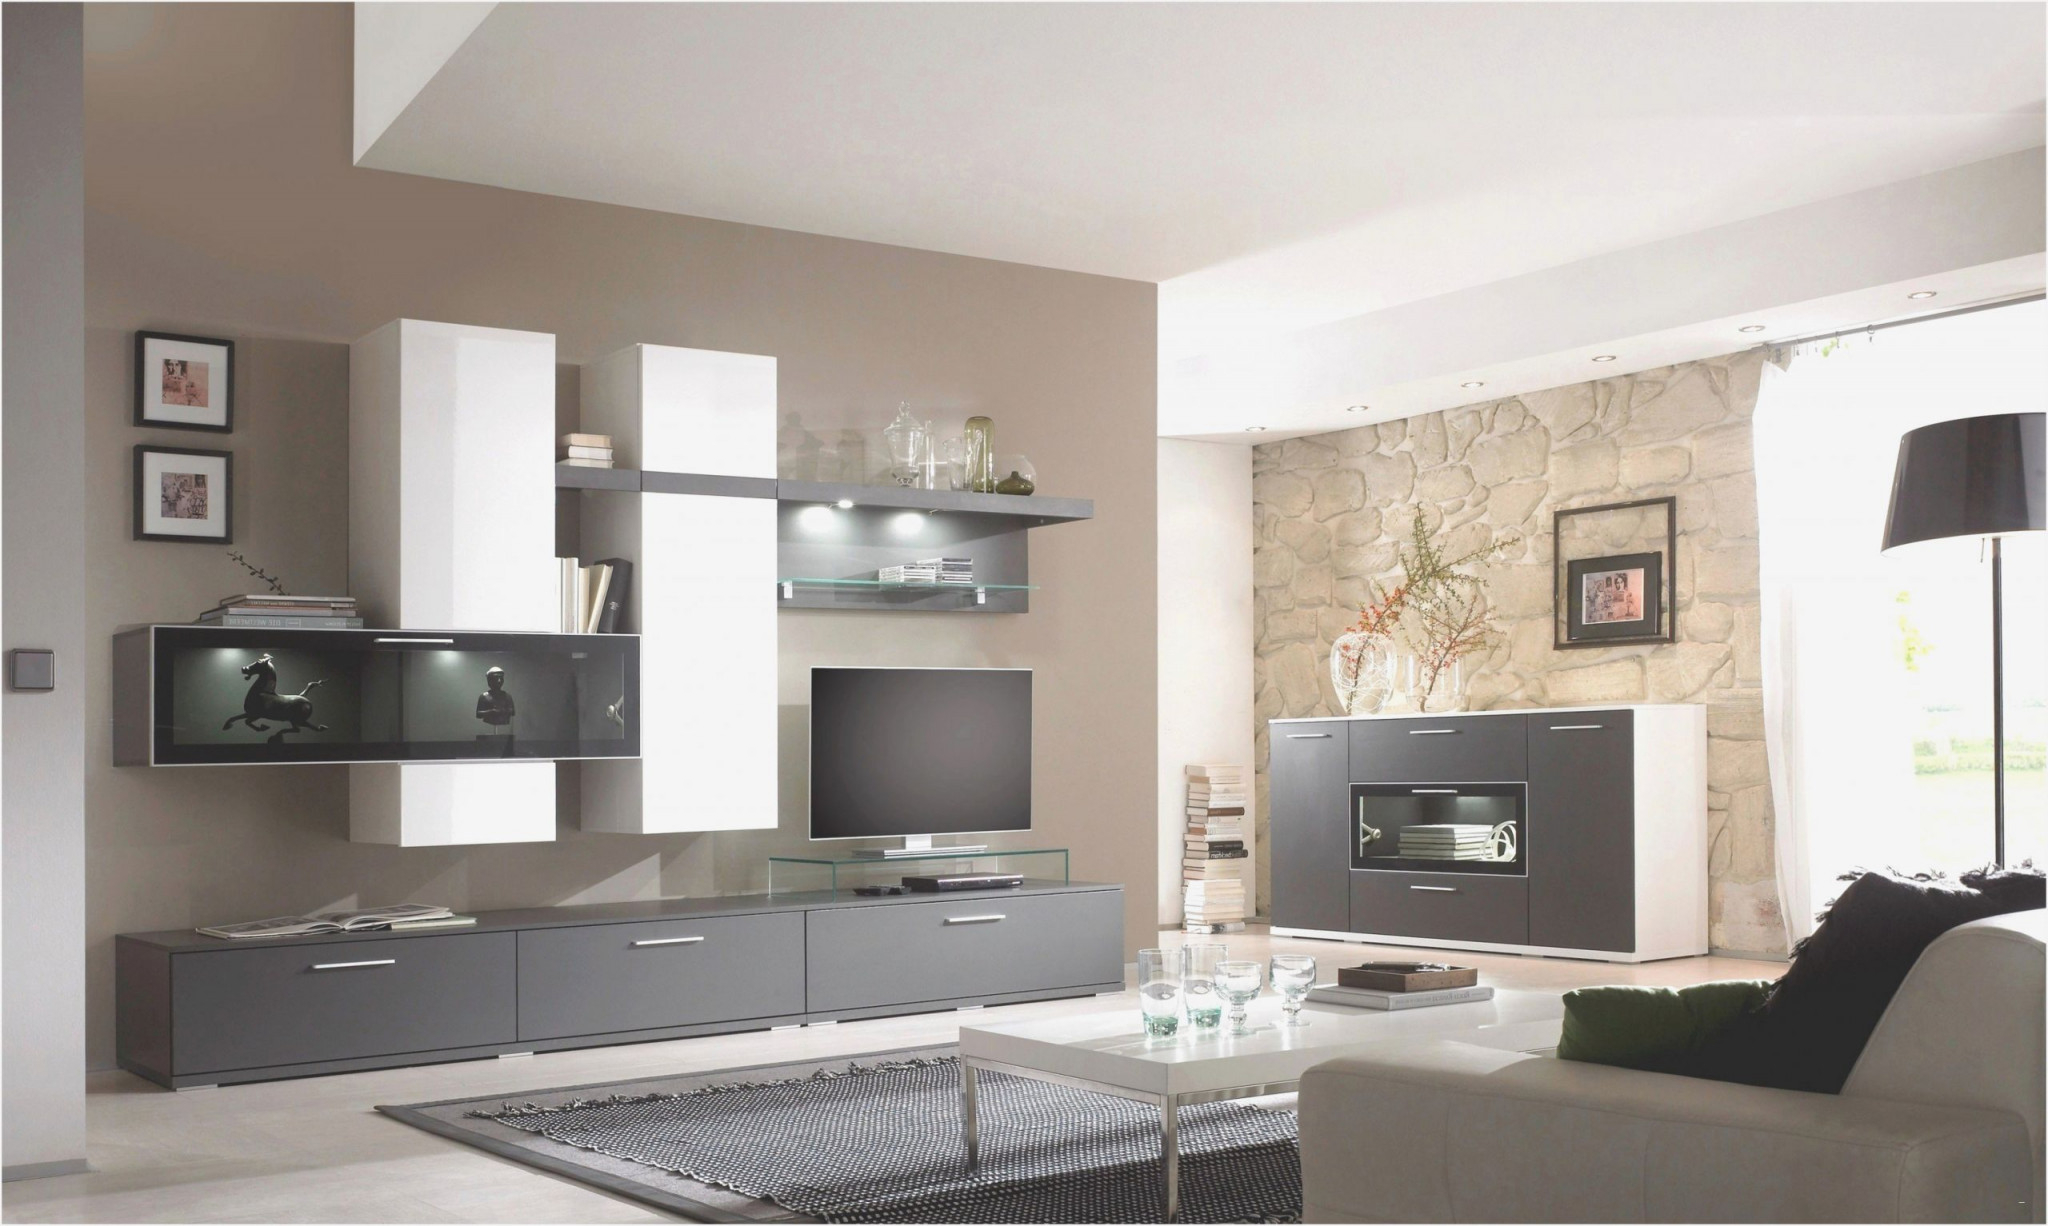 Deko Wohnzimmer Weiß Und Silber  Wohnzimmer  Traumhaus von Deko Wohnzimmer Silber Bild